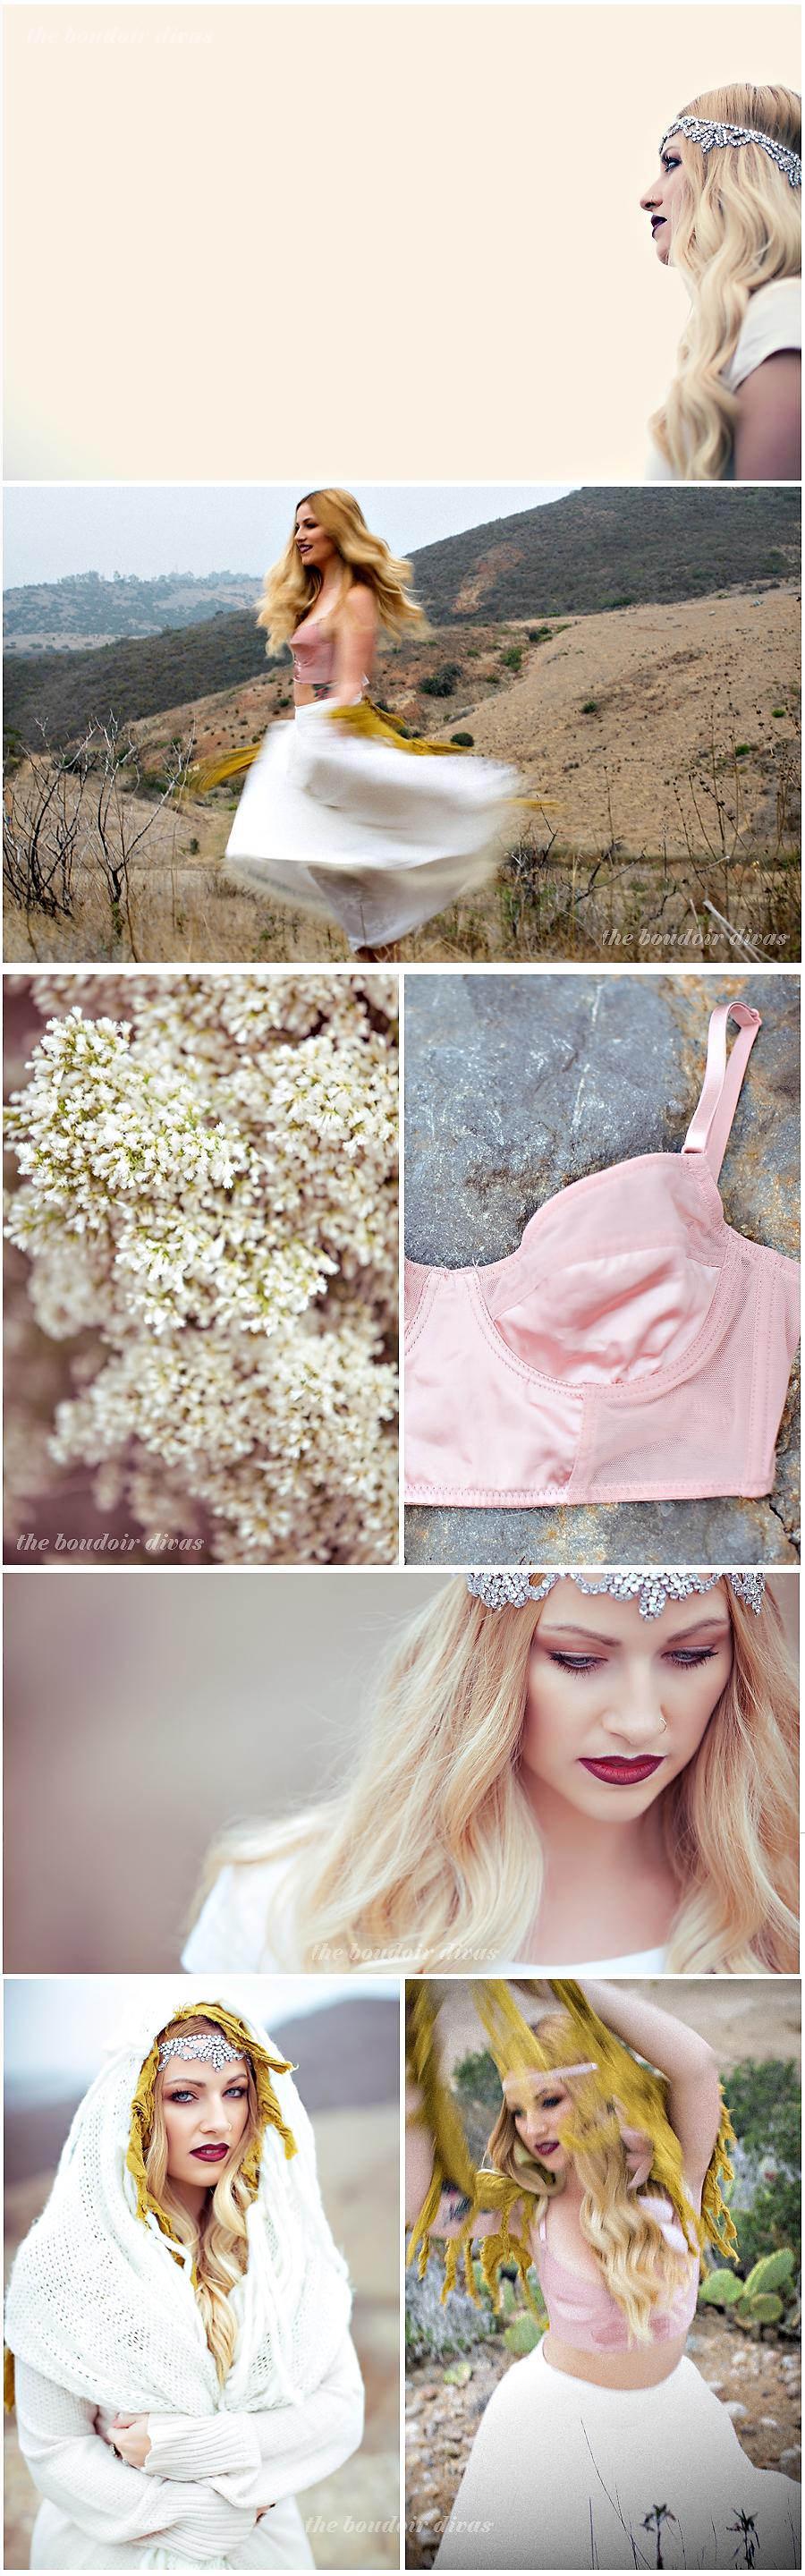 fall-boudoir-photos-outdoor-photoshoot copy